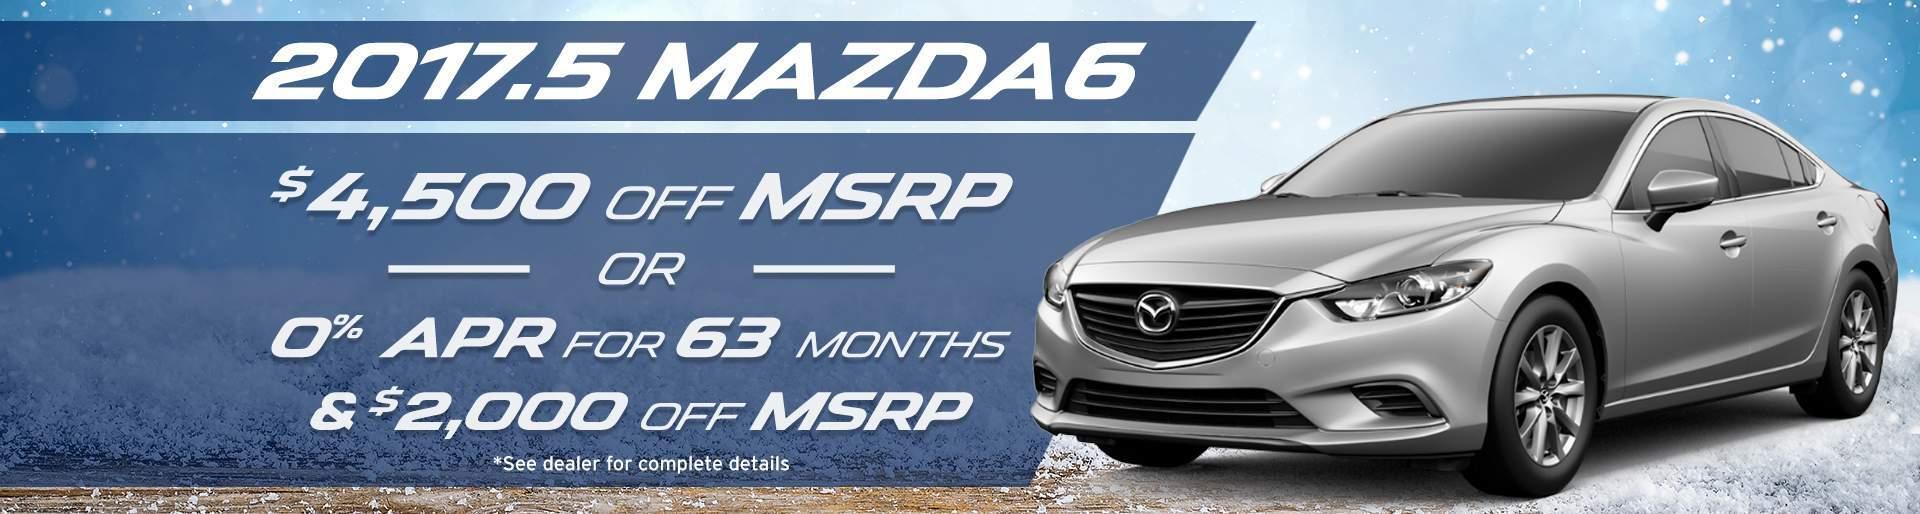 Mazda Dealership Midland TX Used Cars Mazda Of Midland - Mazda nj dealerships